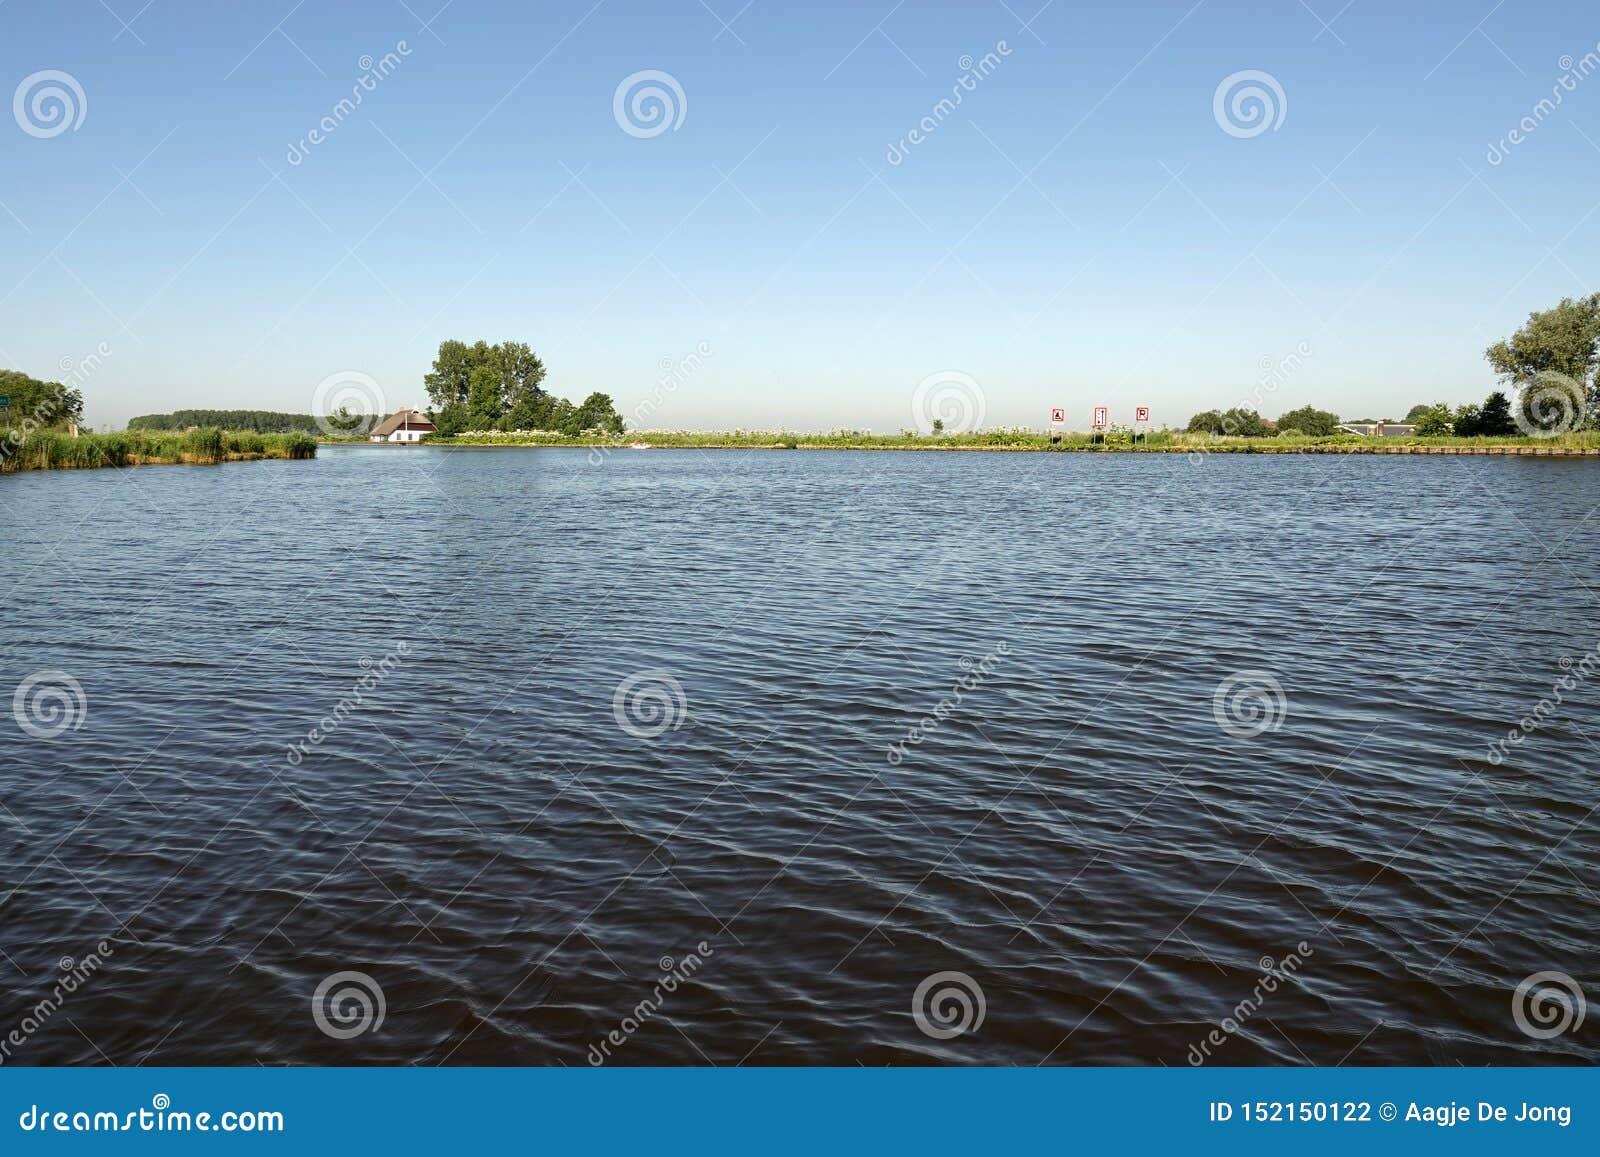 Sanemar jeziorne wody Eernewoude w Friesland